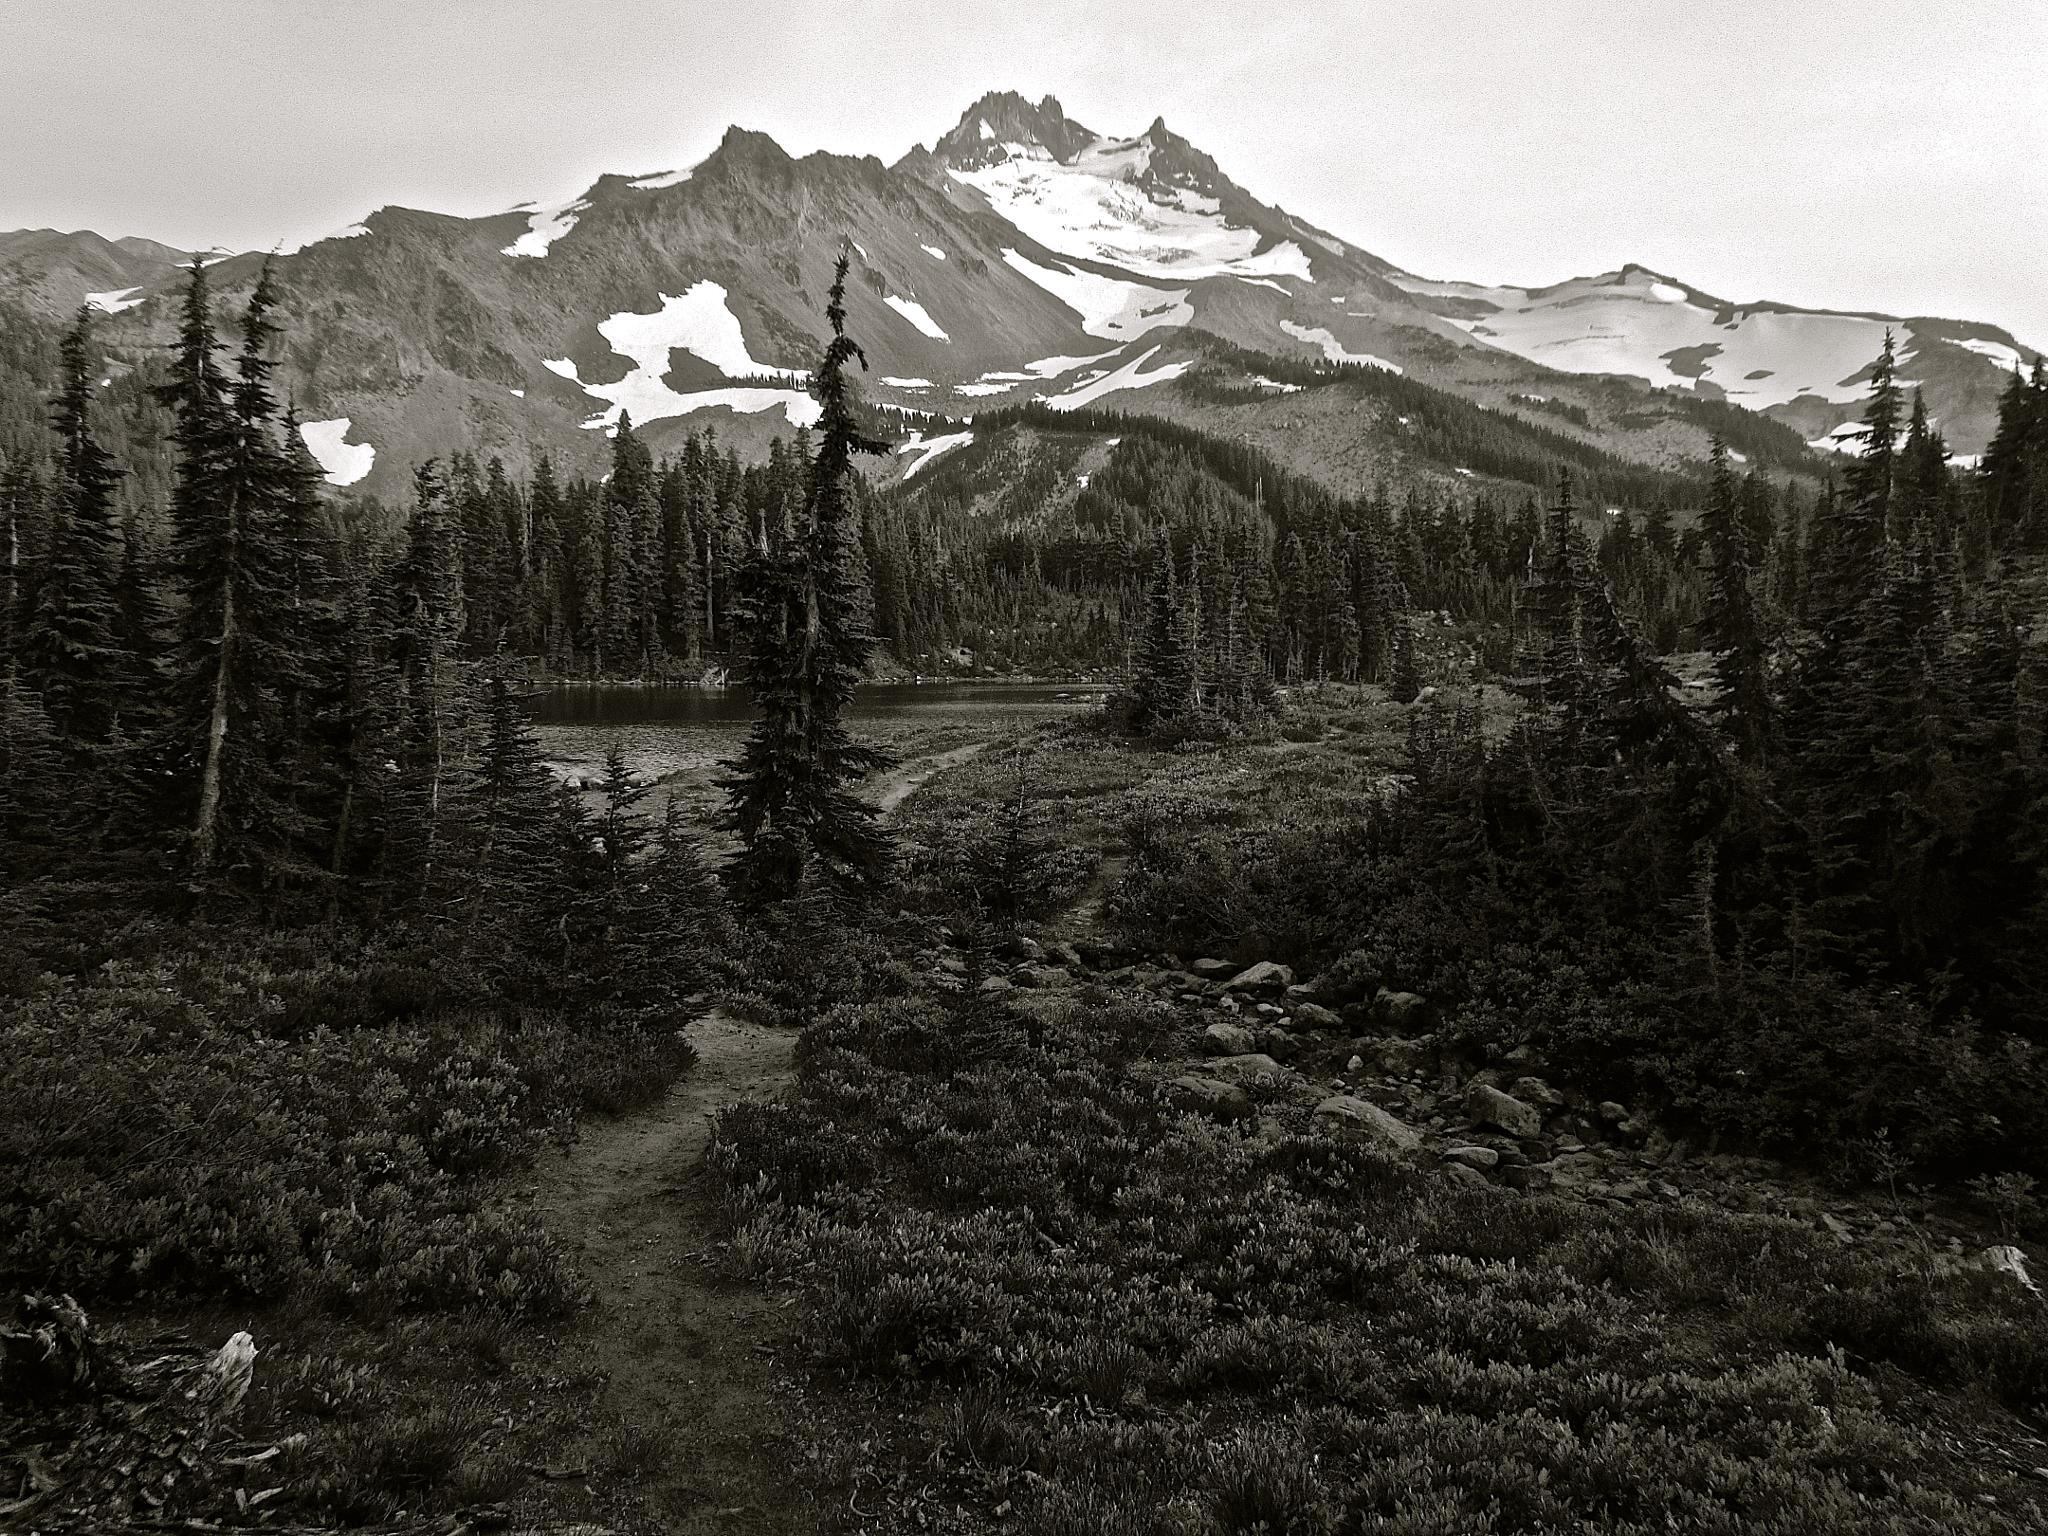 Mount Jefferson, Oregon by MelanieAnnePhillips